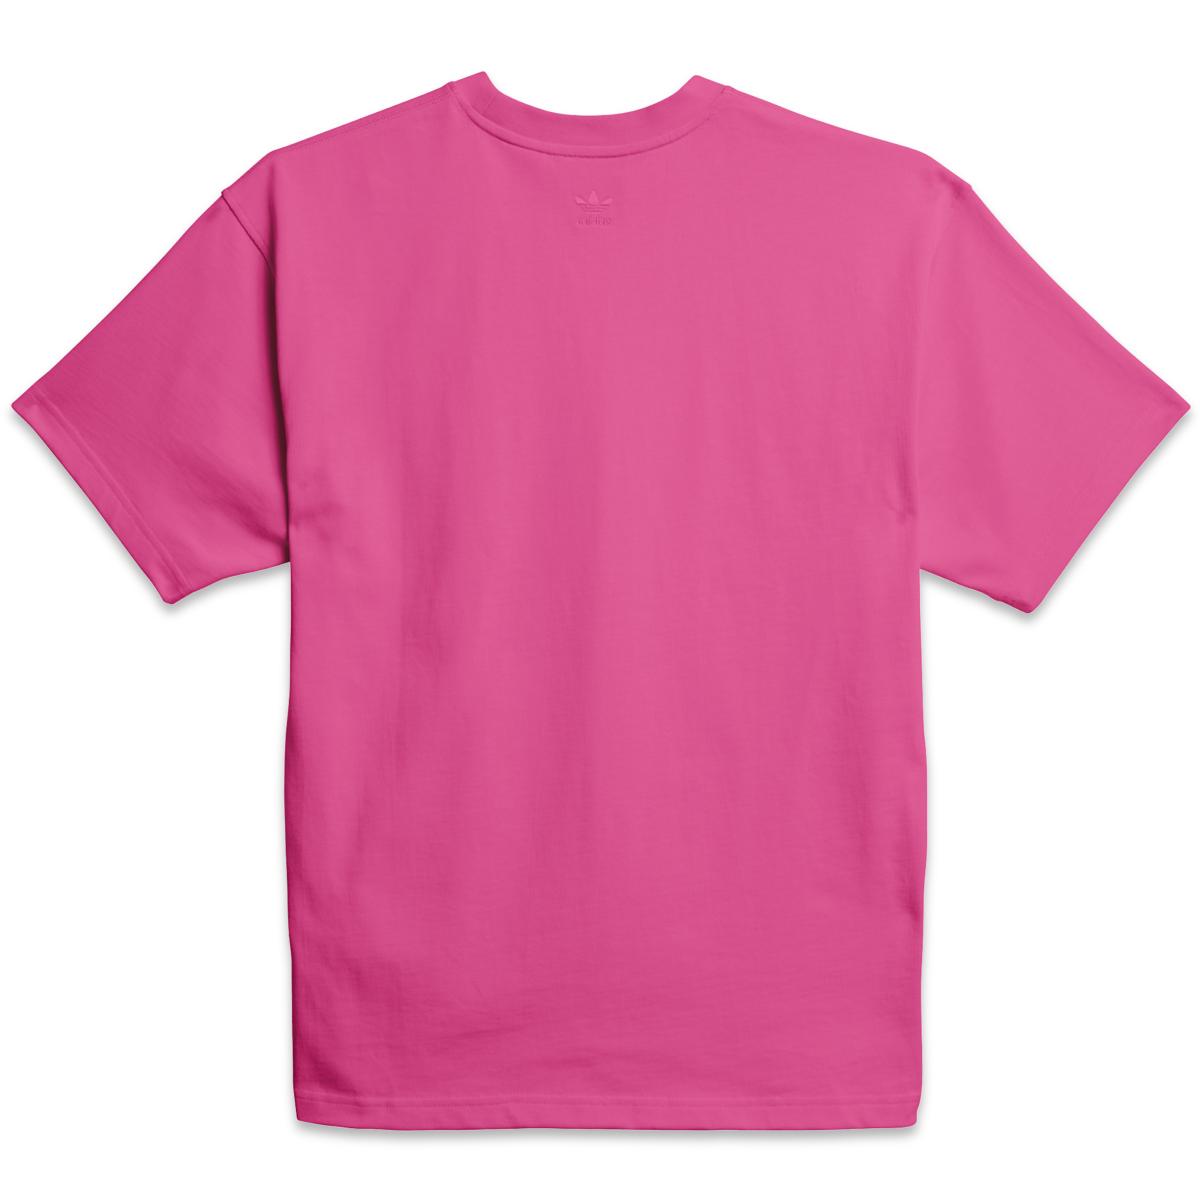 adidas X Pharrell Williams Basics Shirt